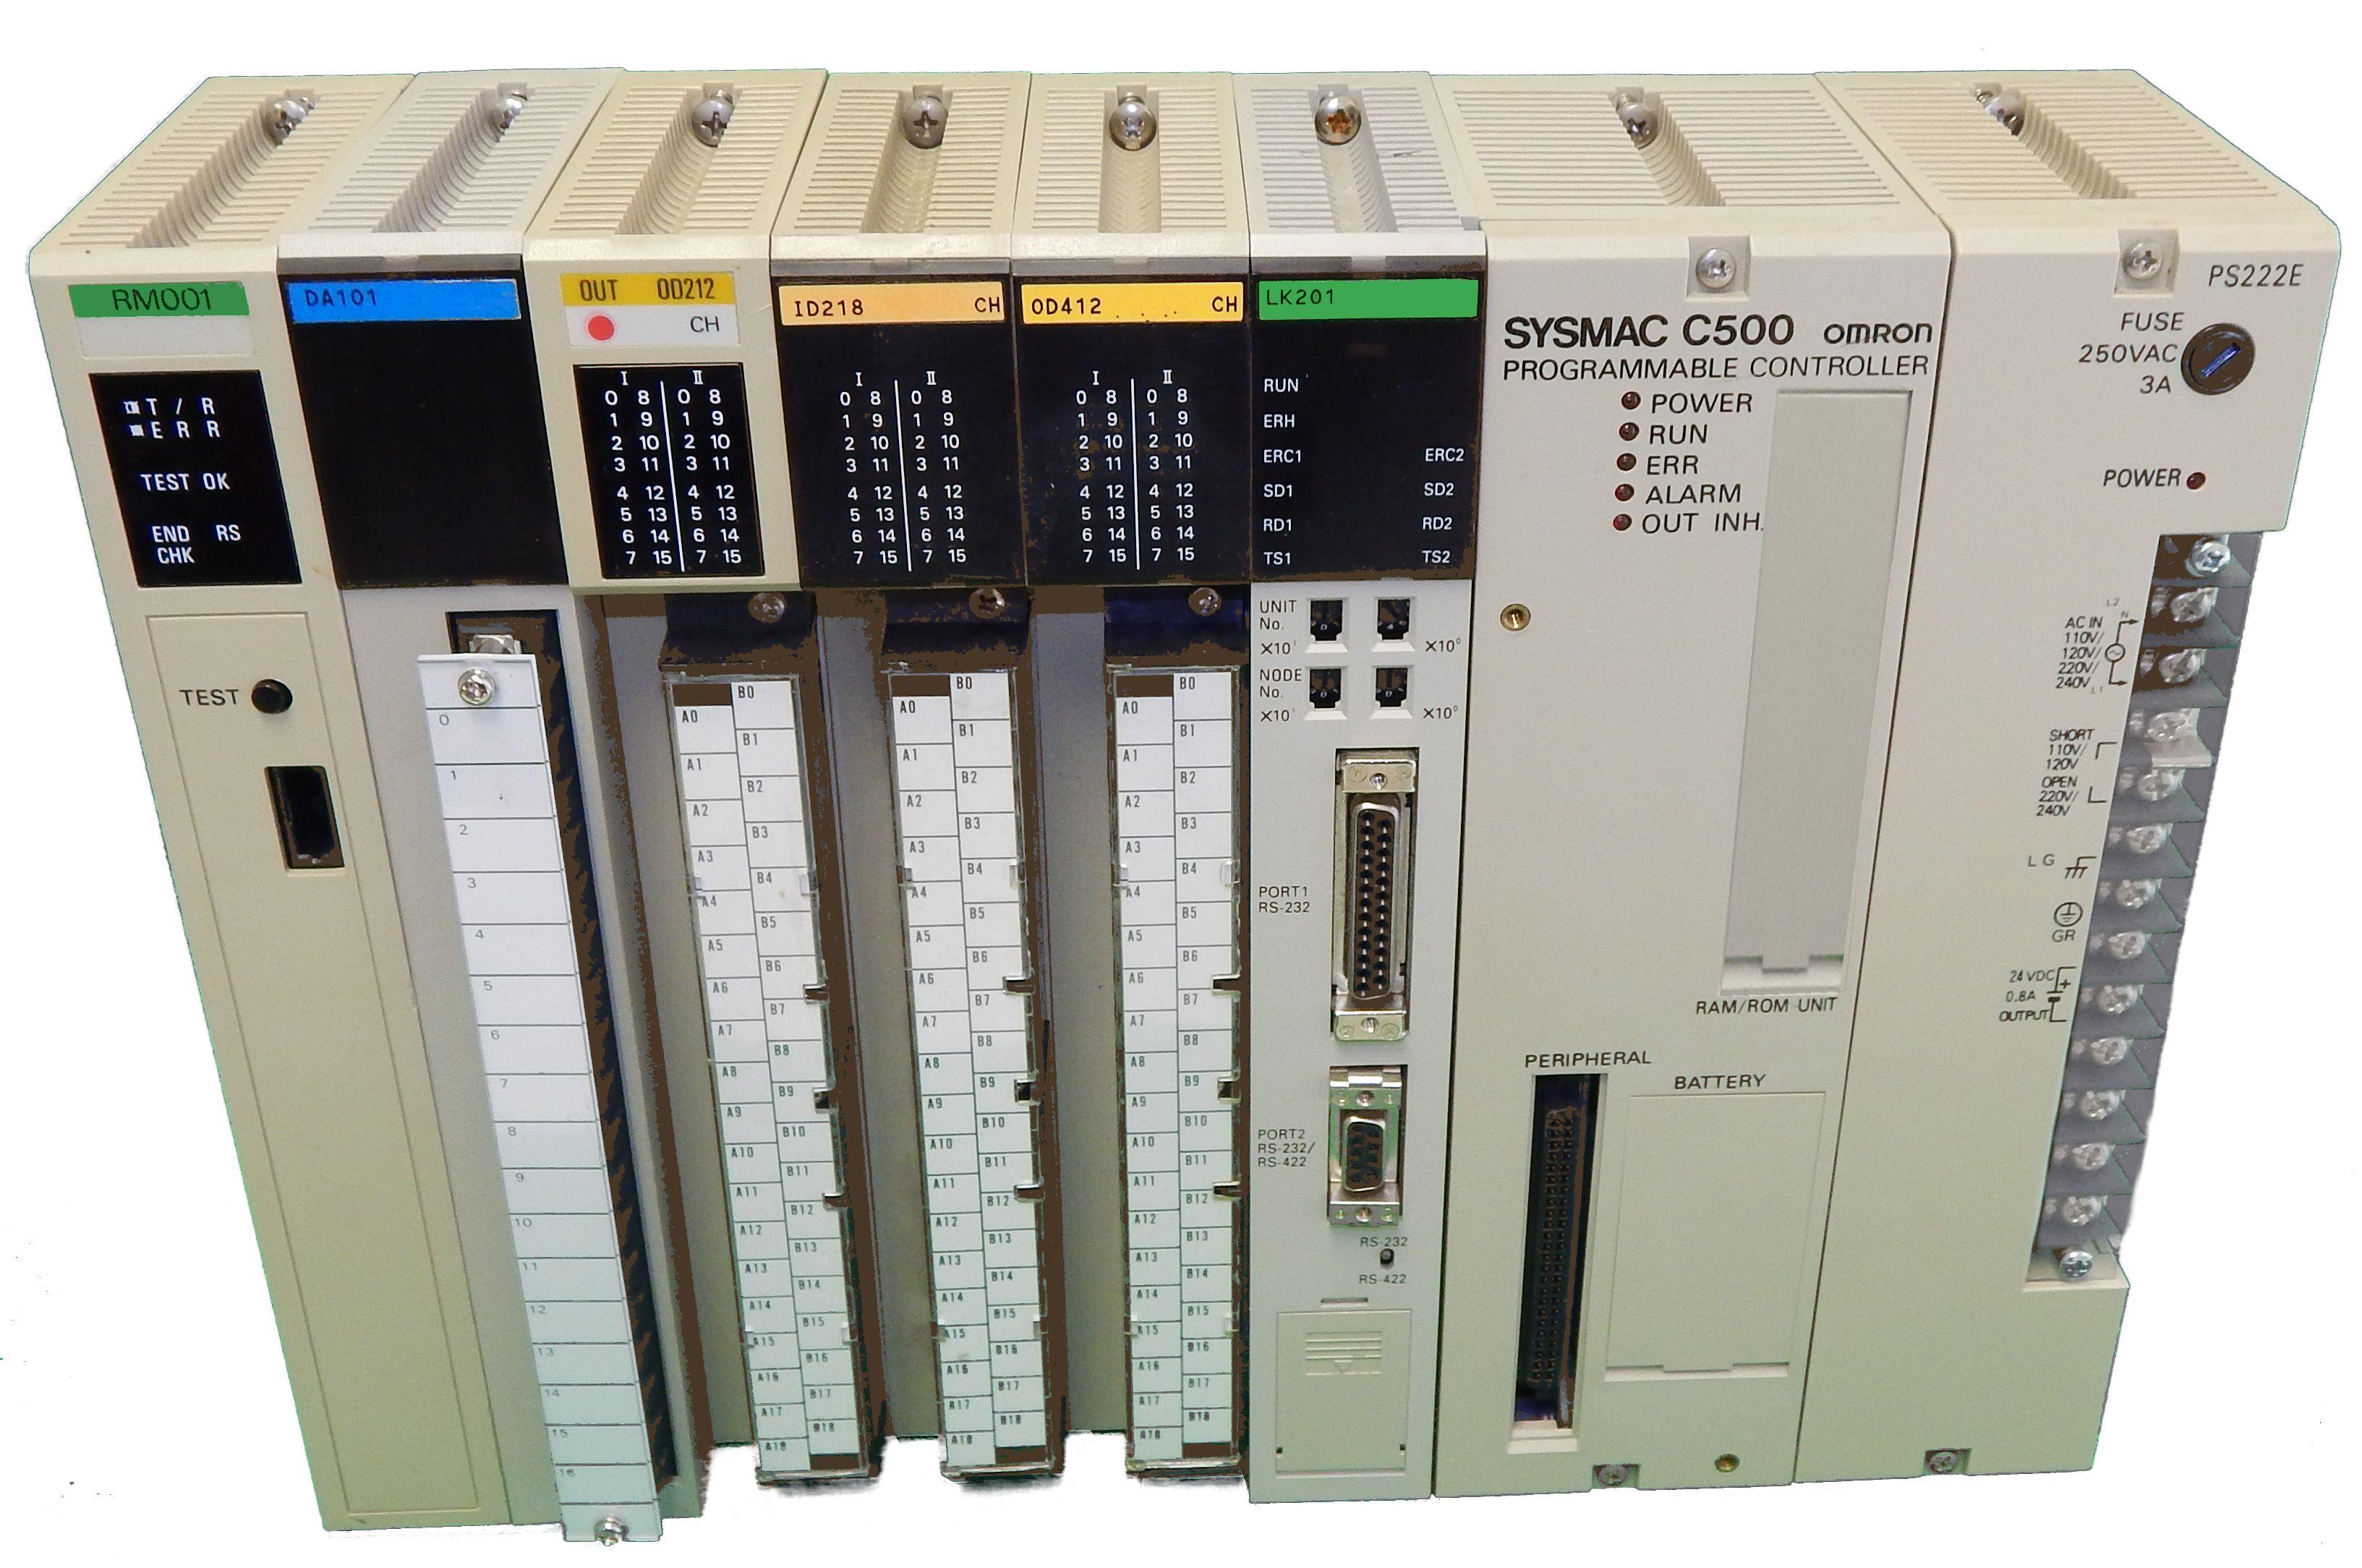 3G2A5-OD215